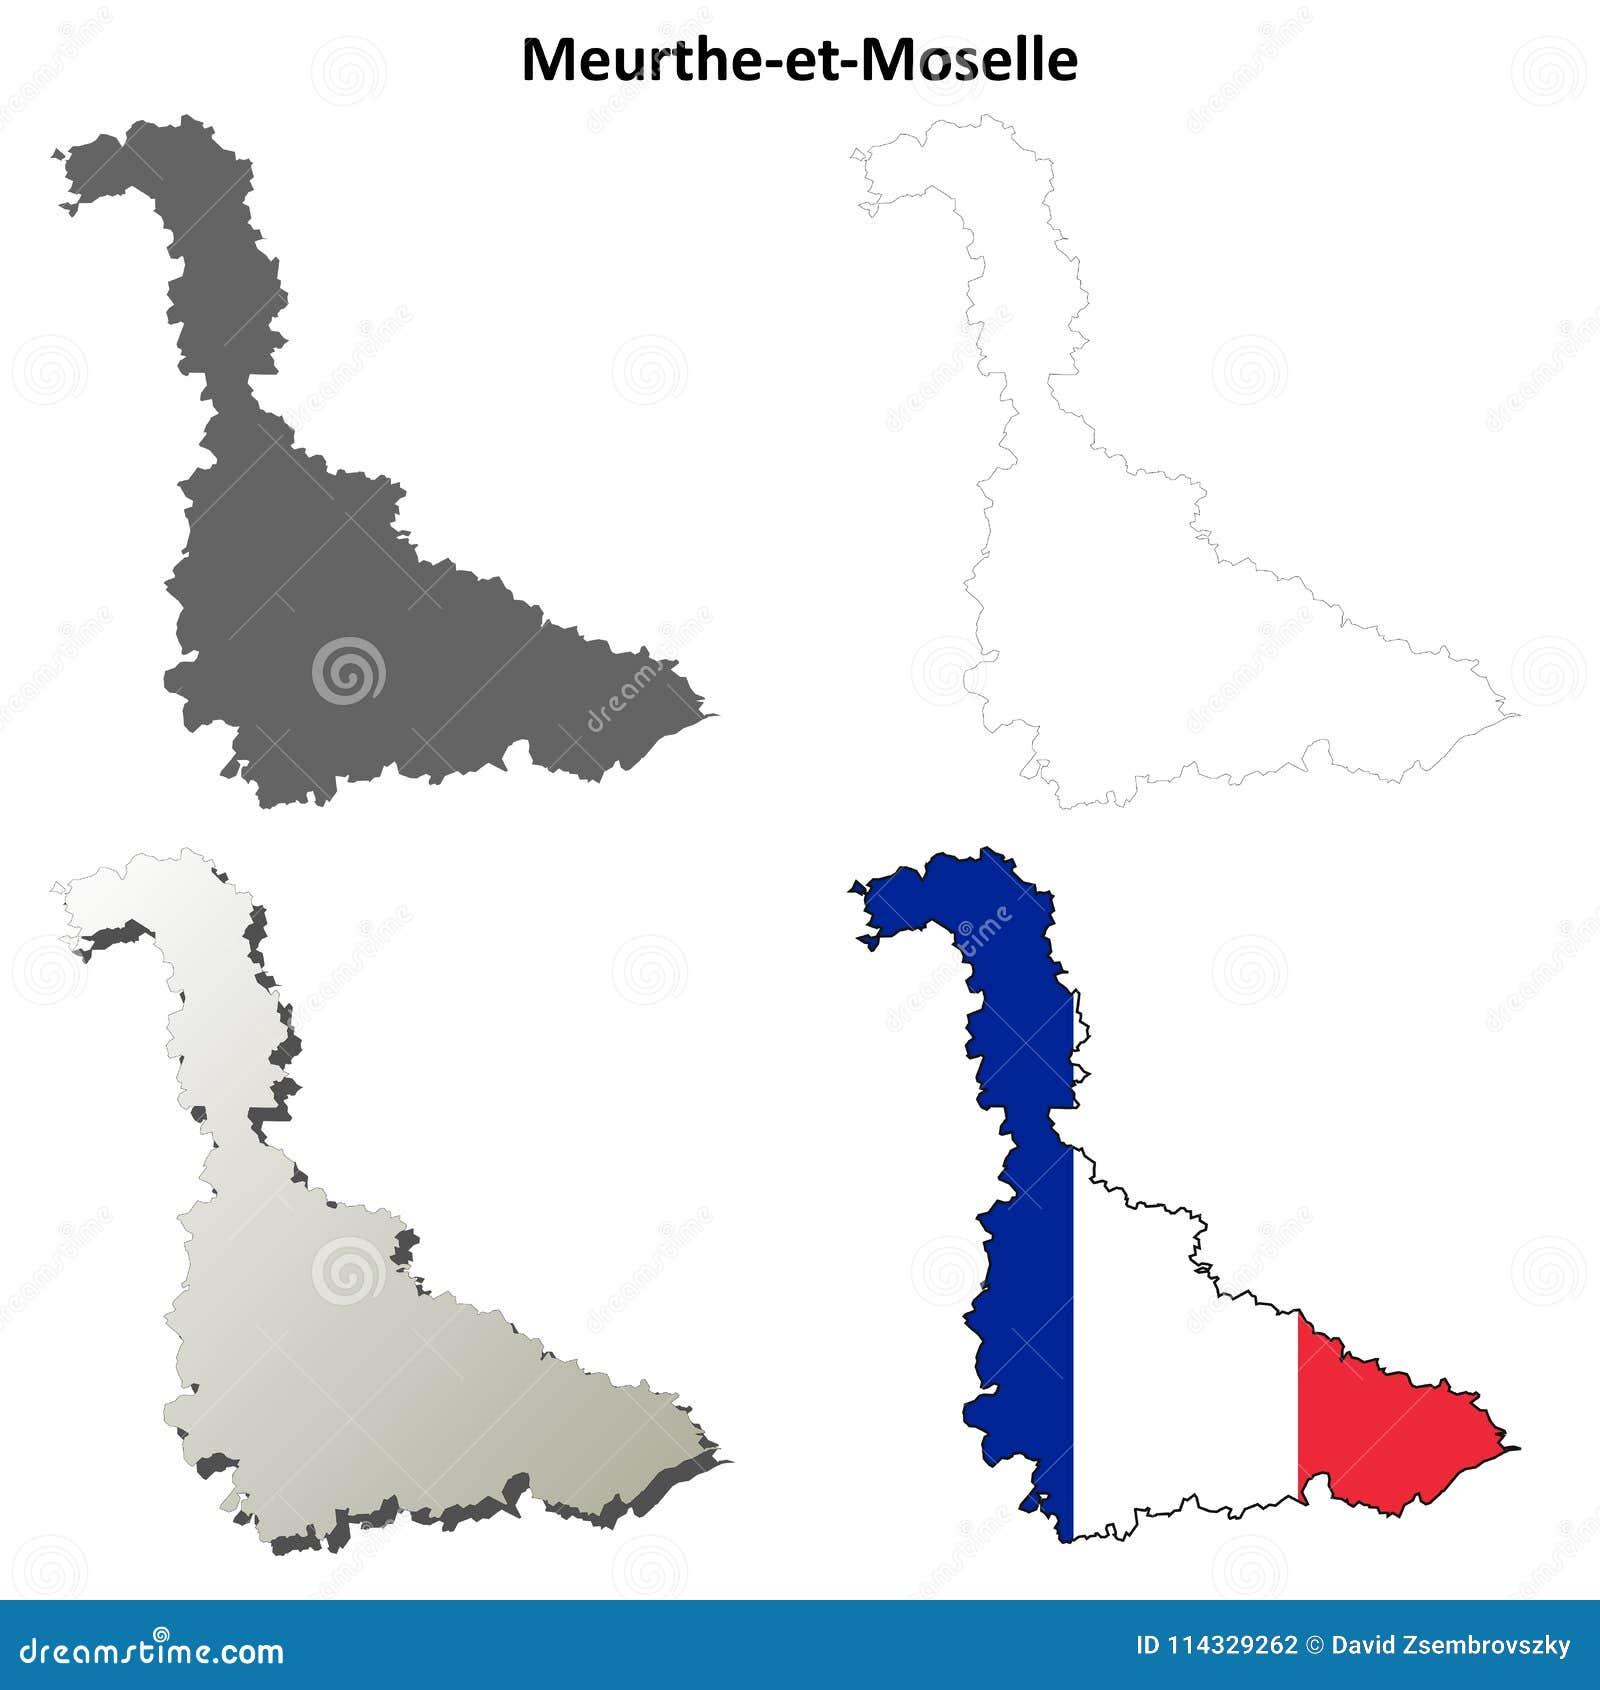 默尔特摩泽尔省,洛林概述地图集合